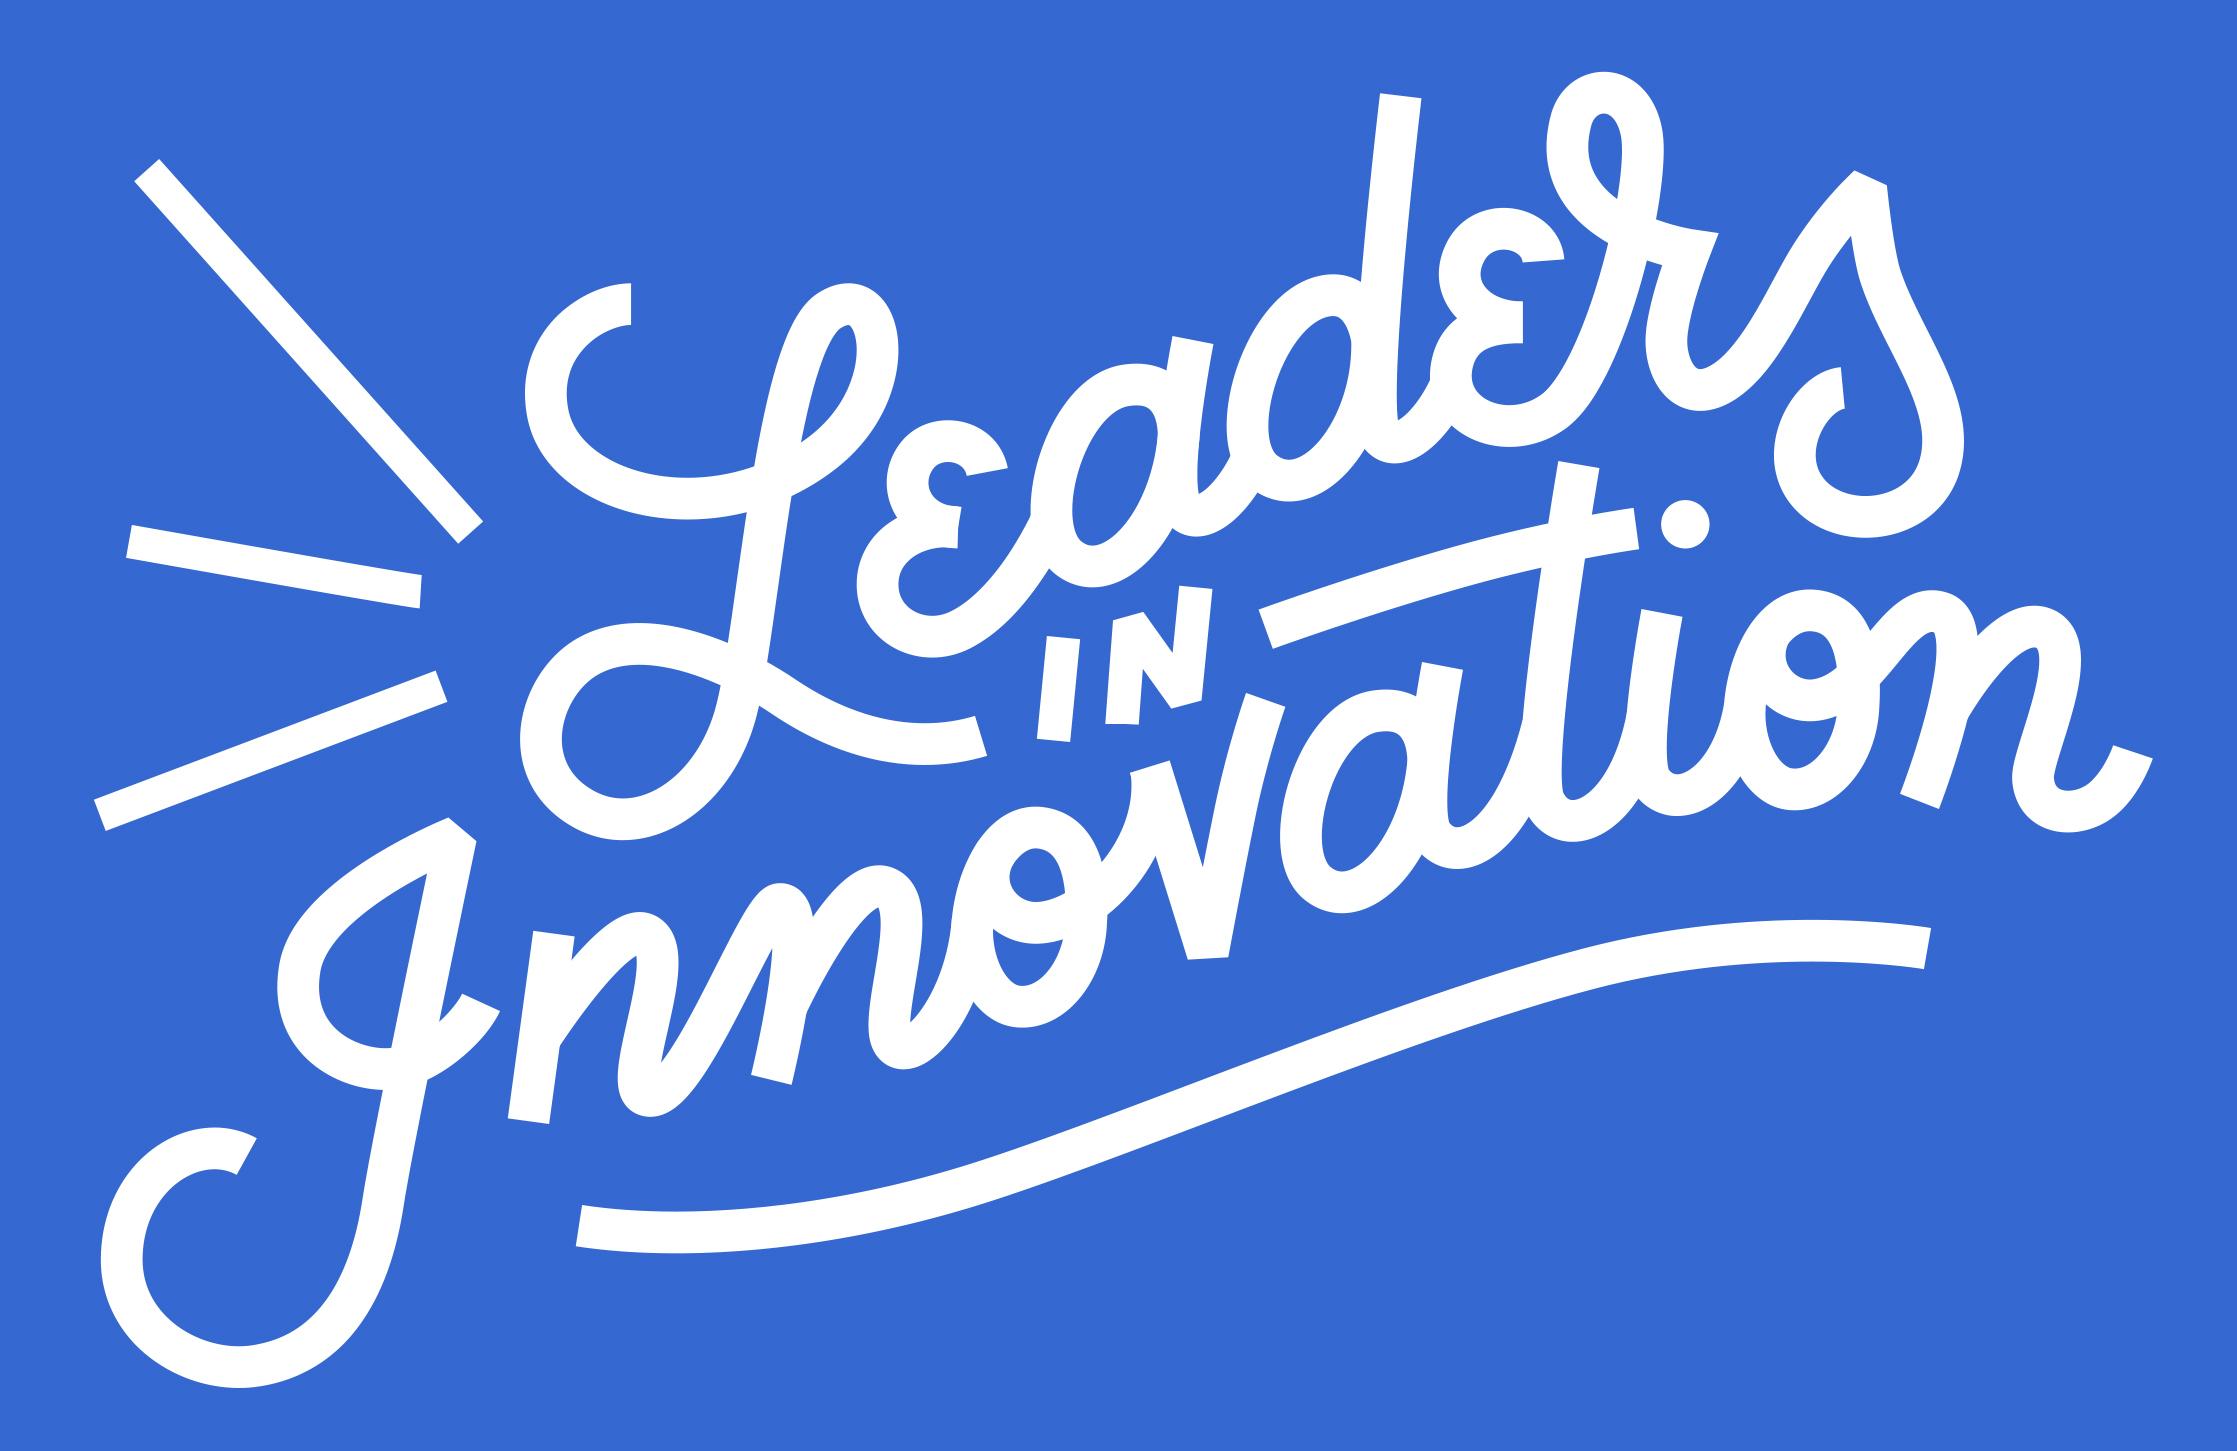 LeadersInInnovation.jpg